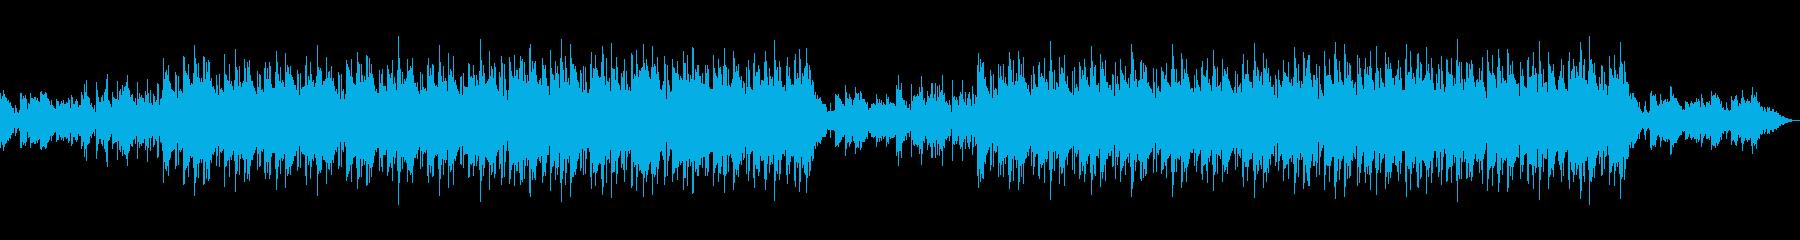 オールドスクール系ヒップホップBGMの再生済みの波形